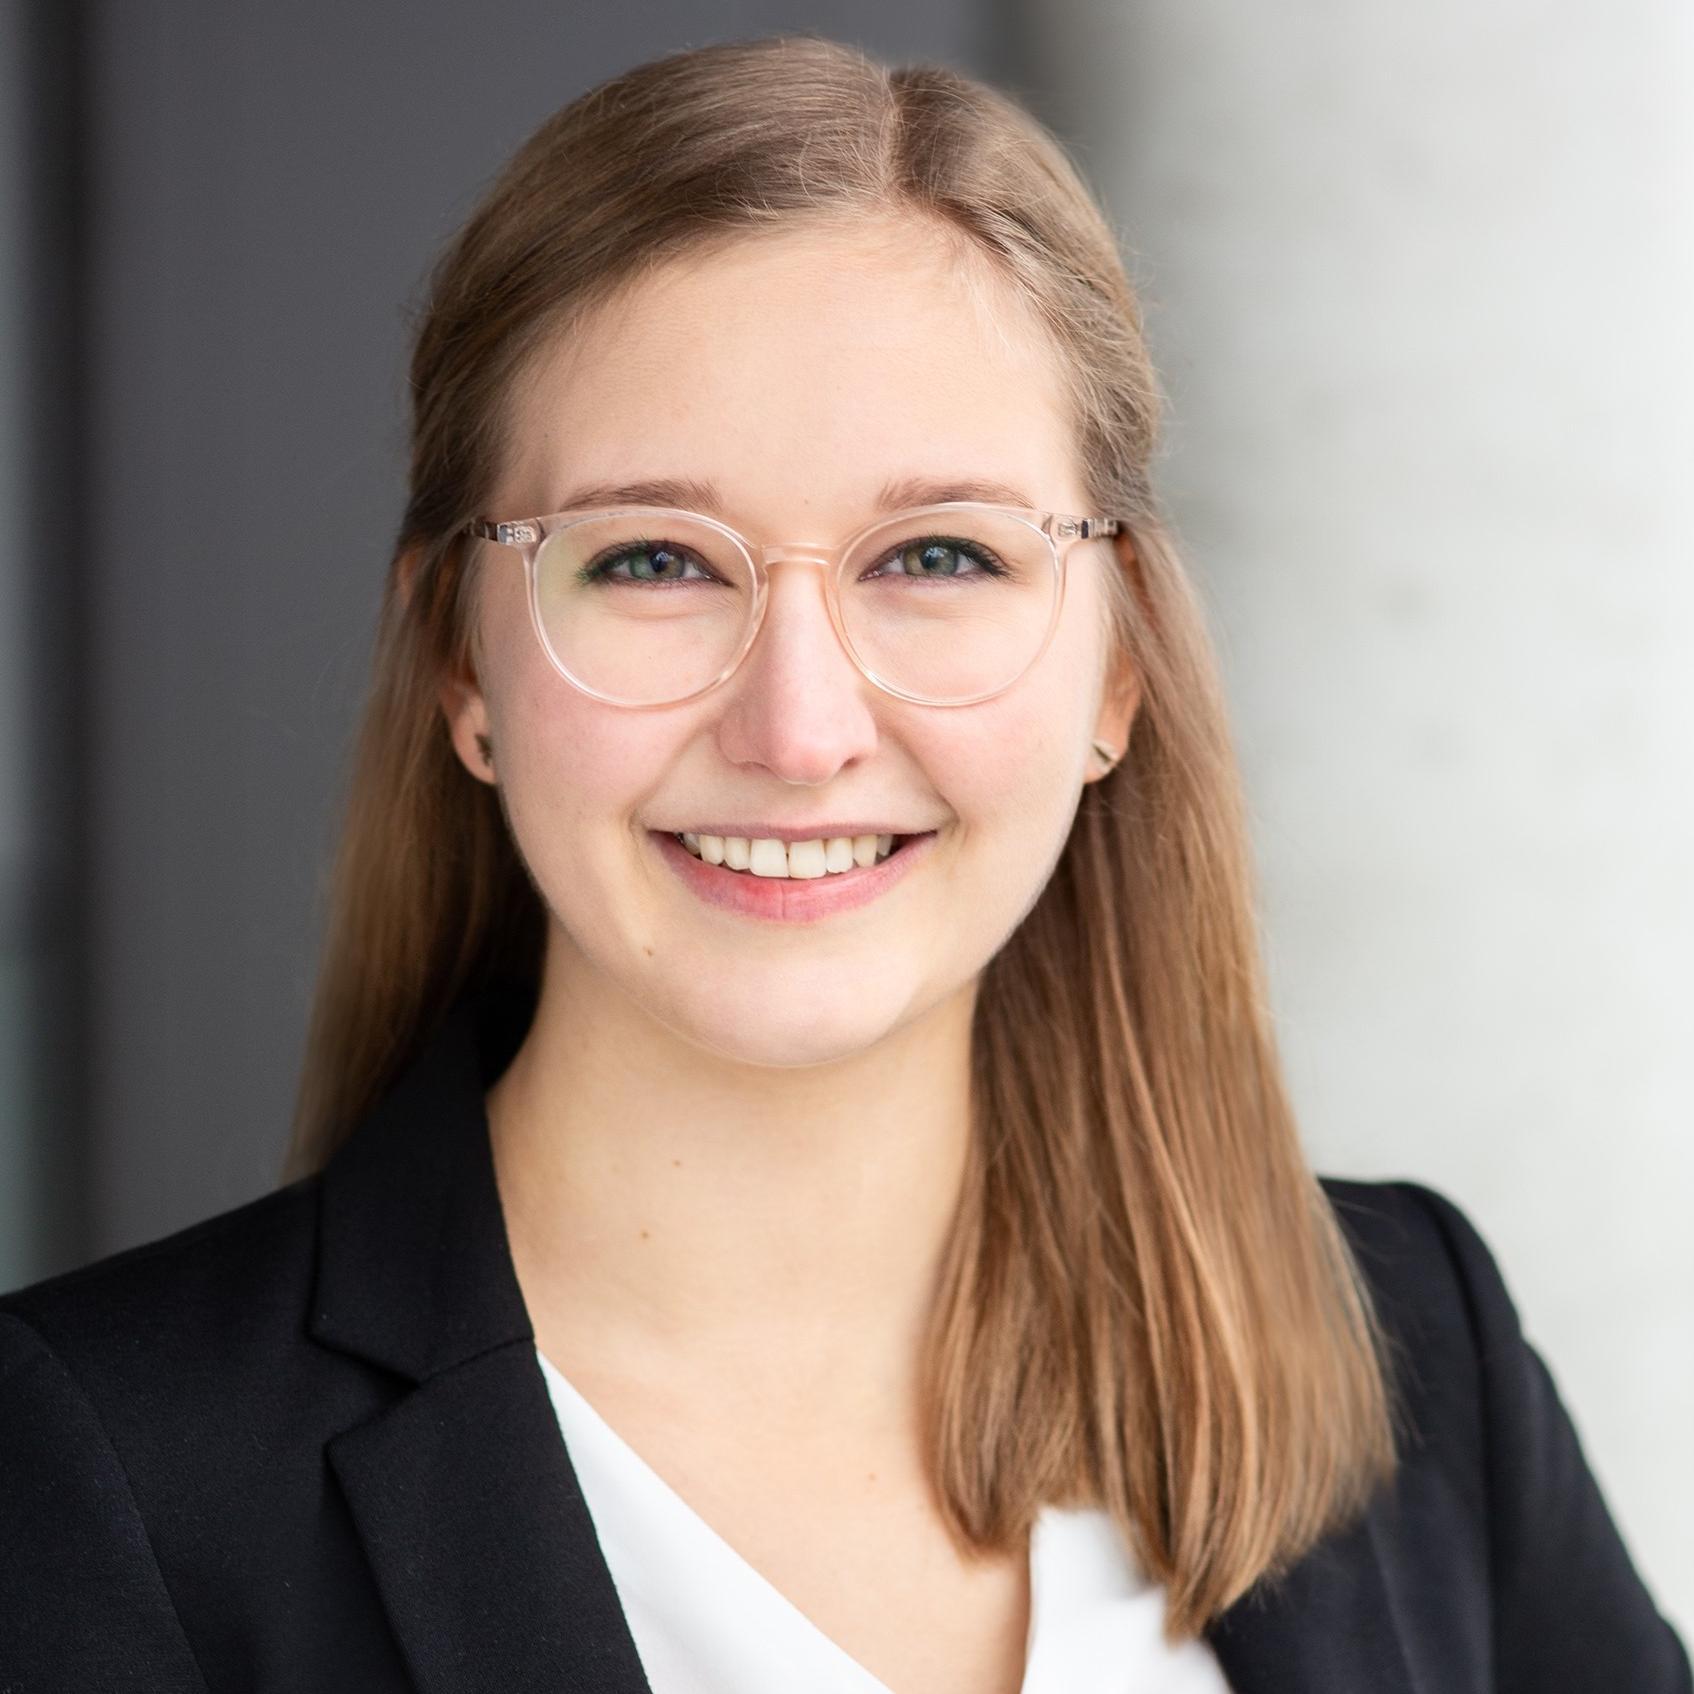 Alisa Wienand